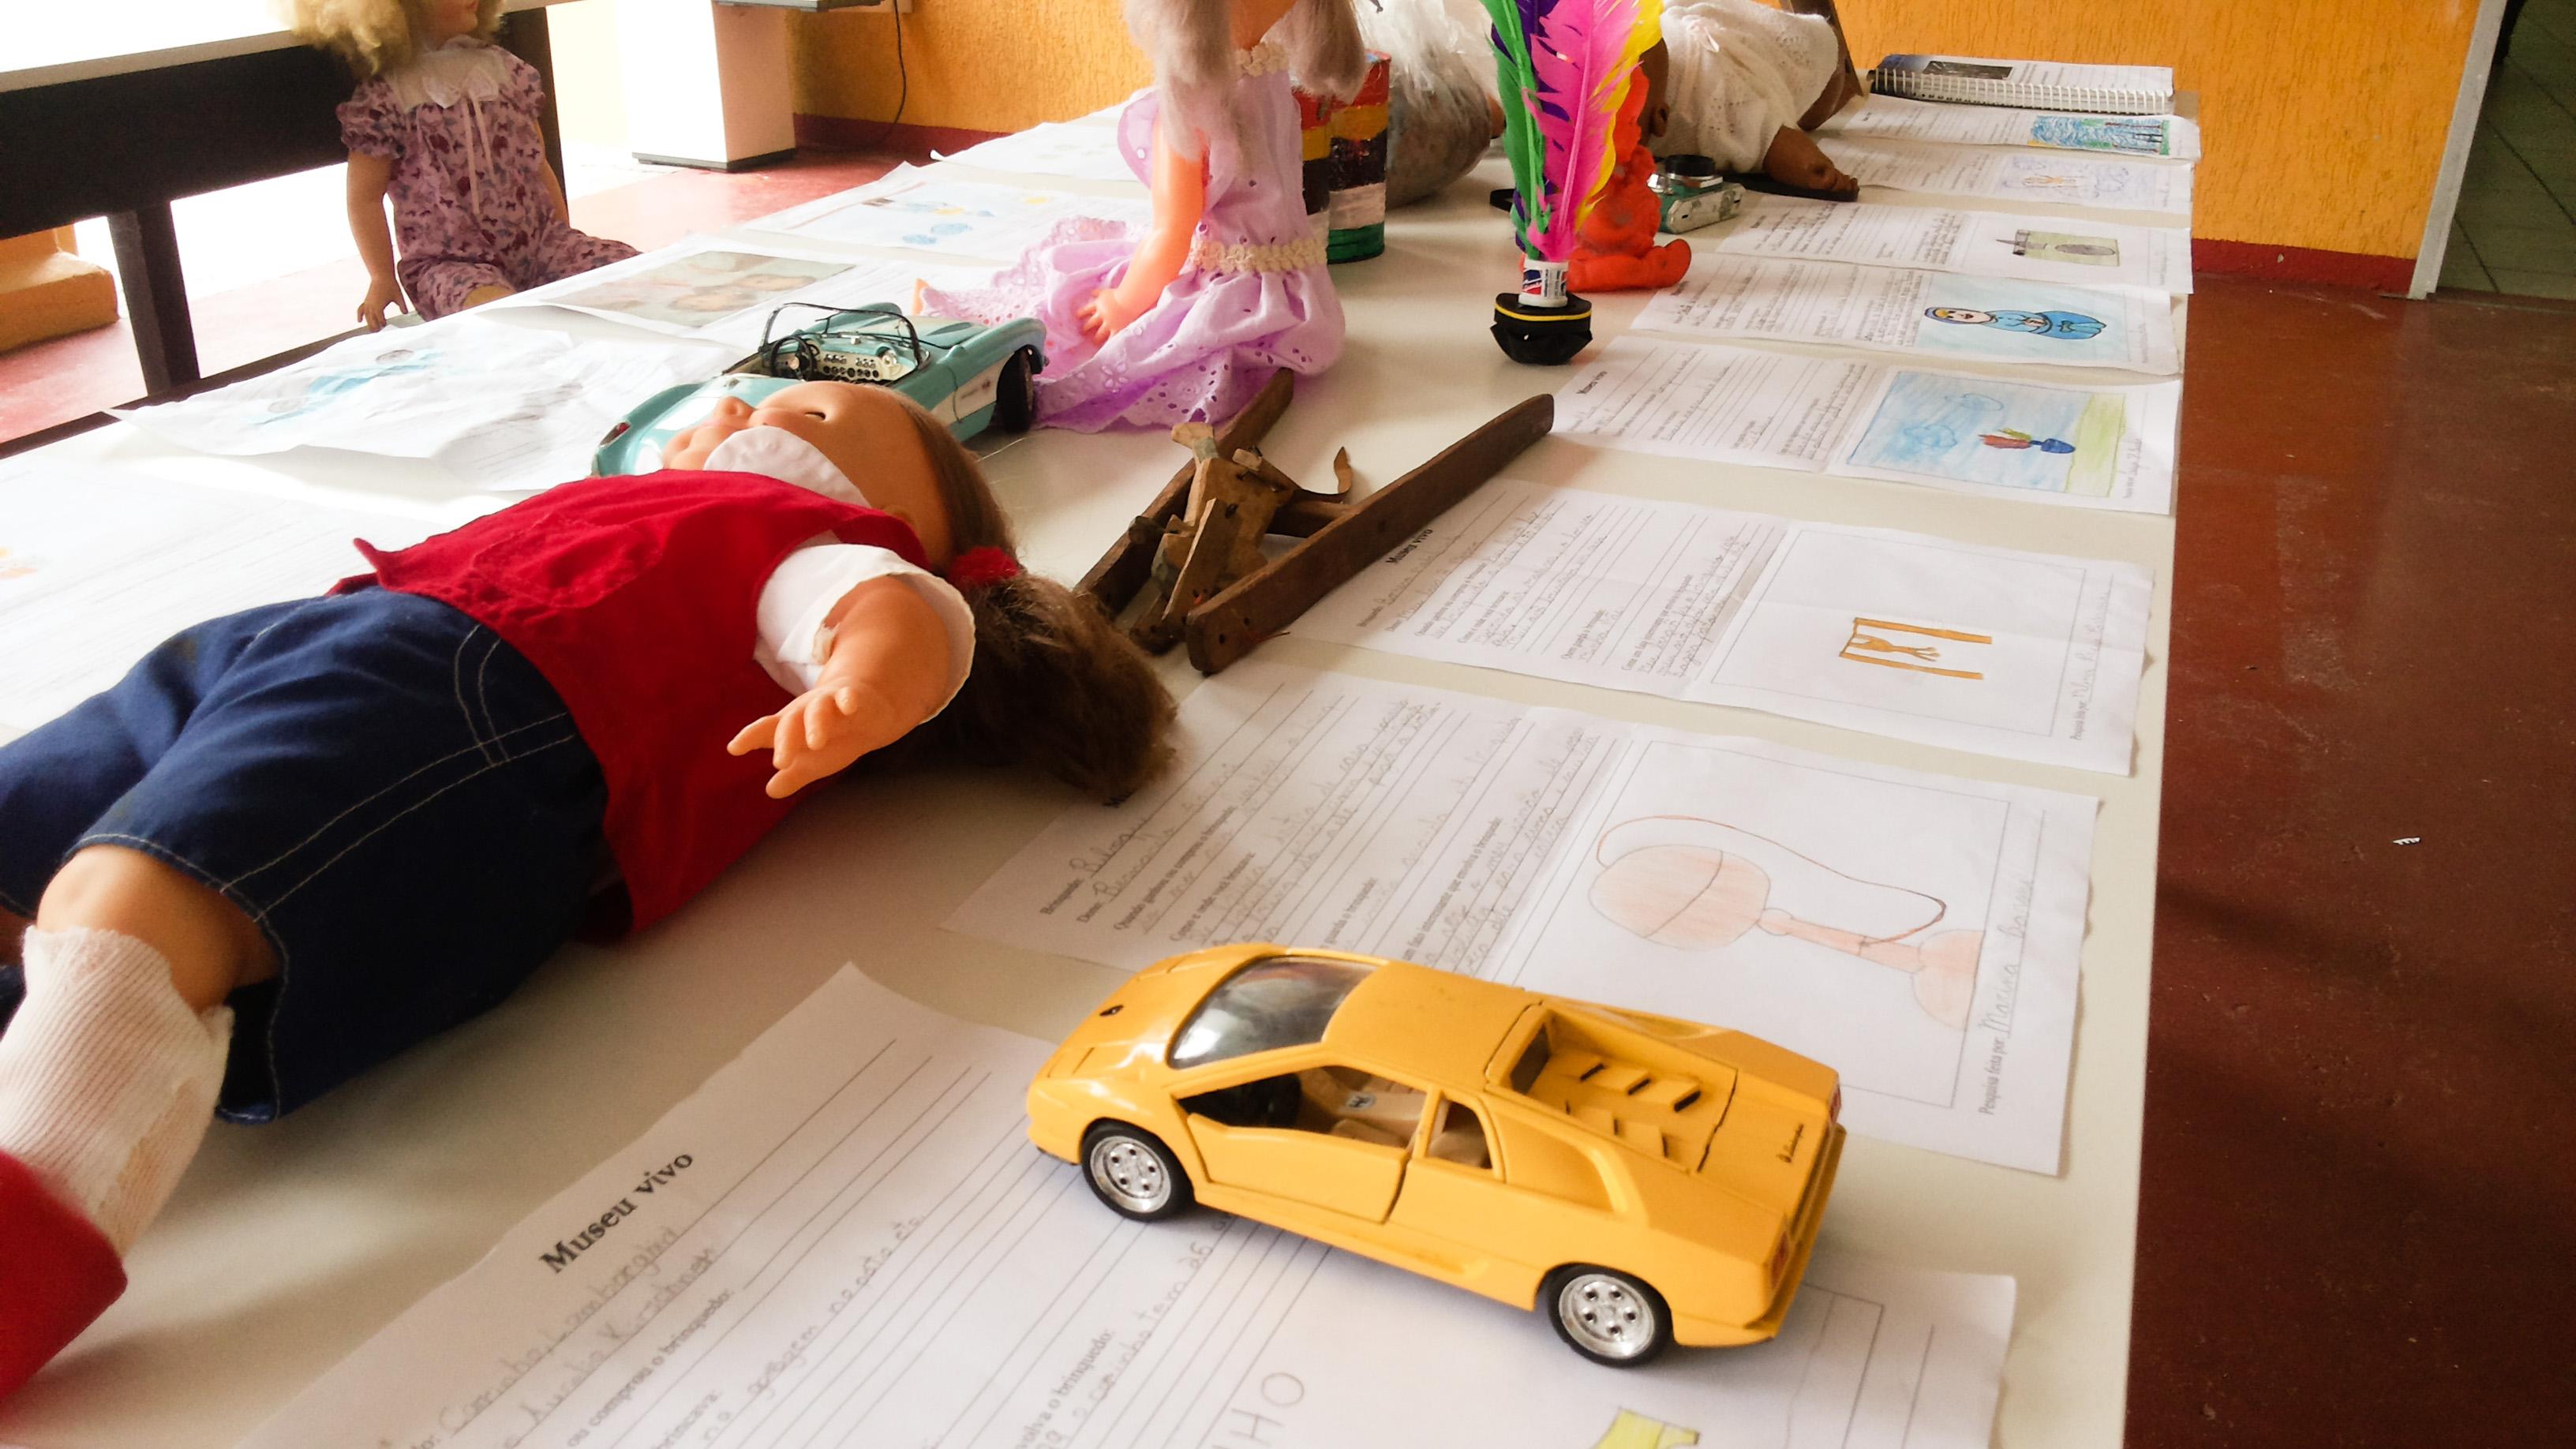 Asccsp09112015_-_museu_brinquedos__3_